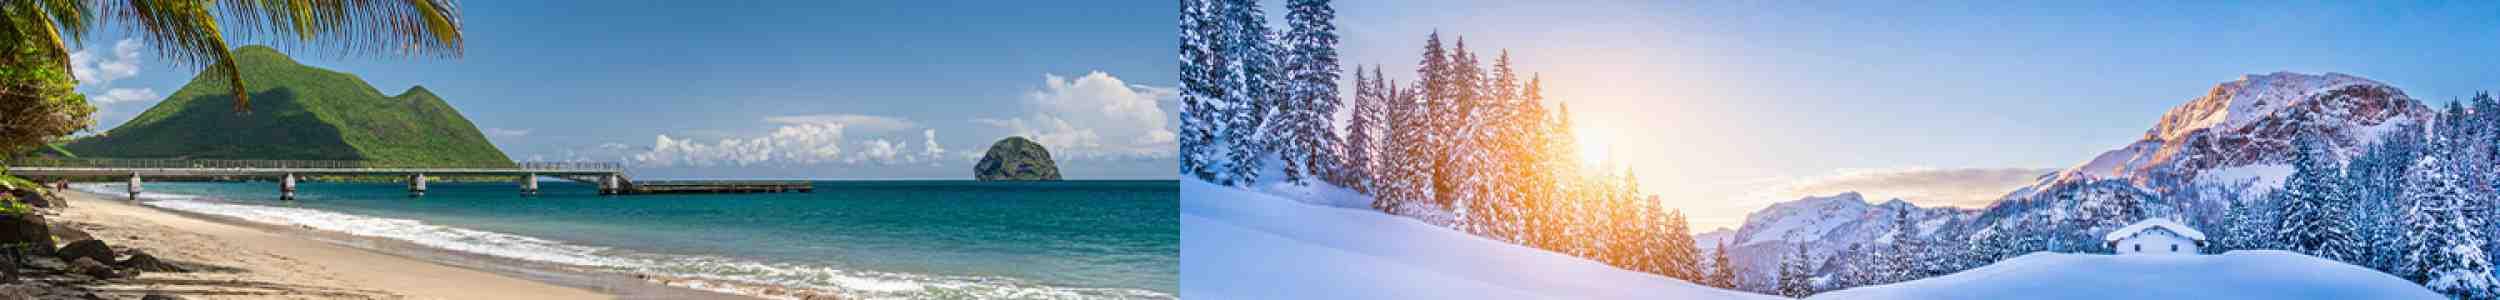 Où aller en hiver au soleil bon marché?